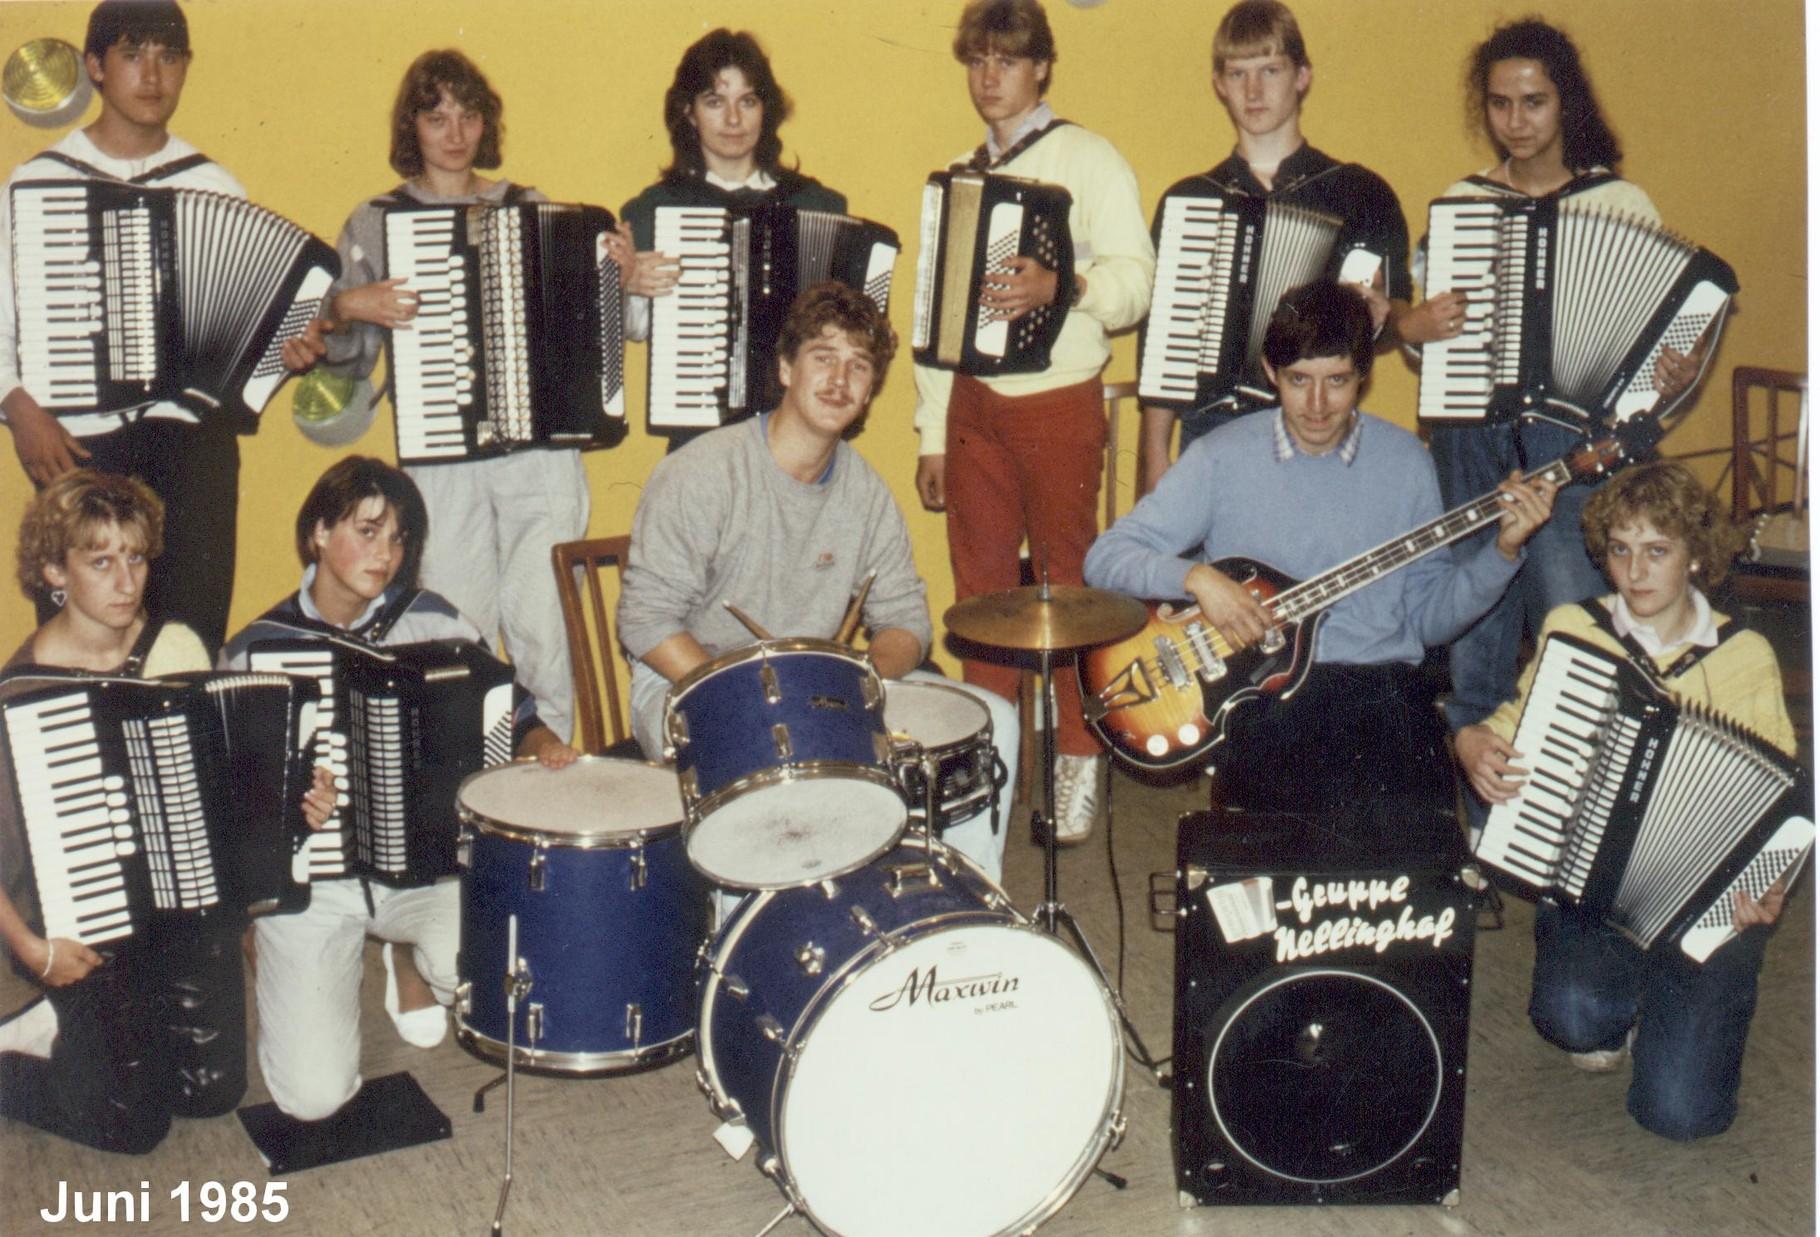 Gruppenbild 1985 mit Drummer aus Wallenhorst